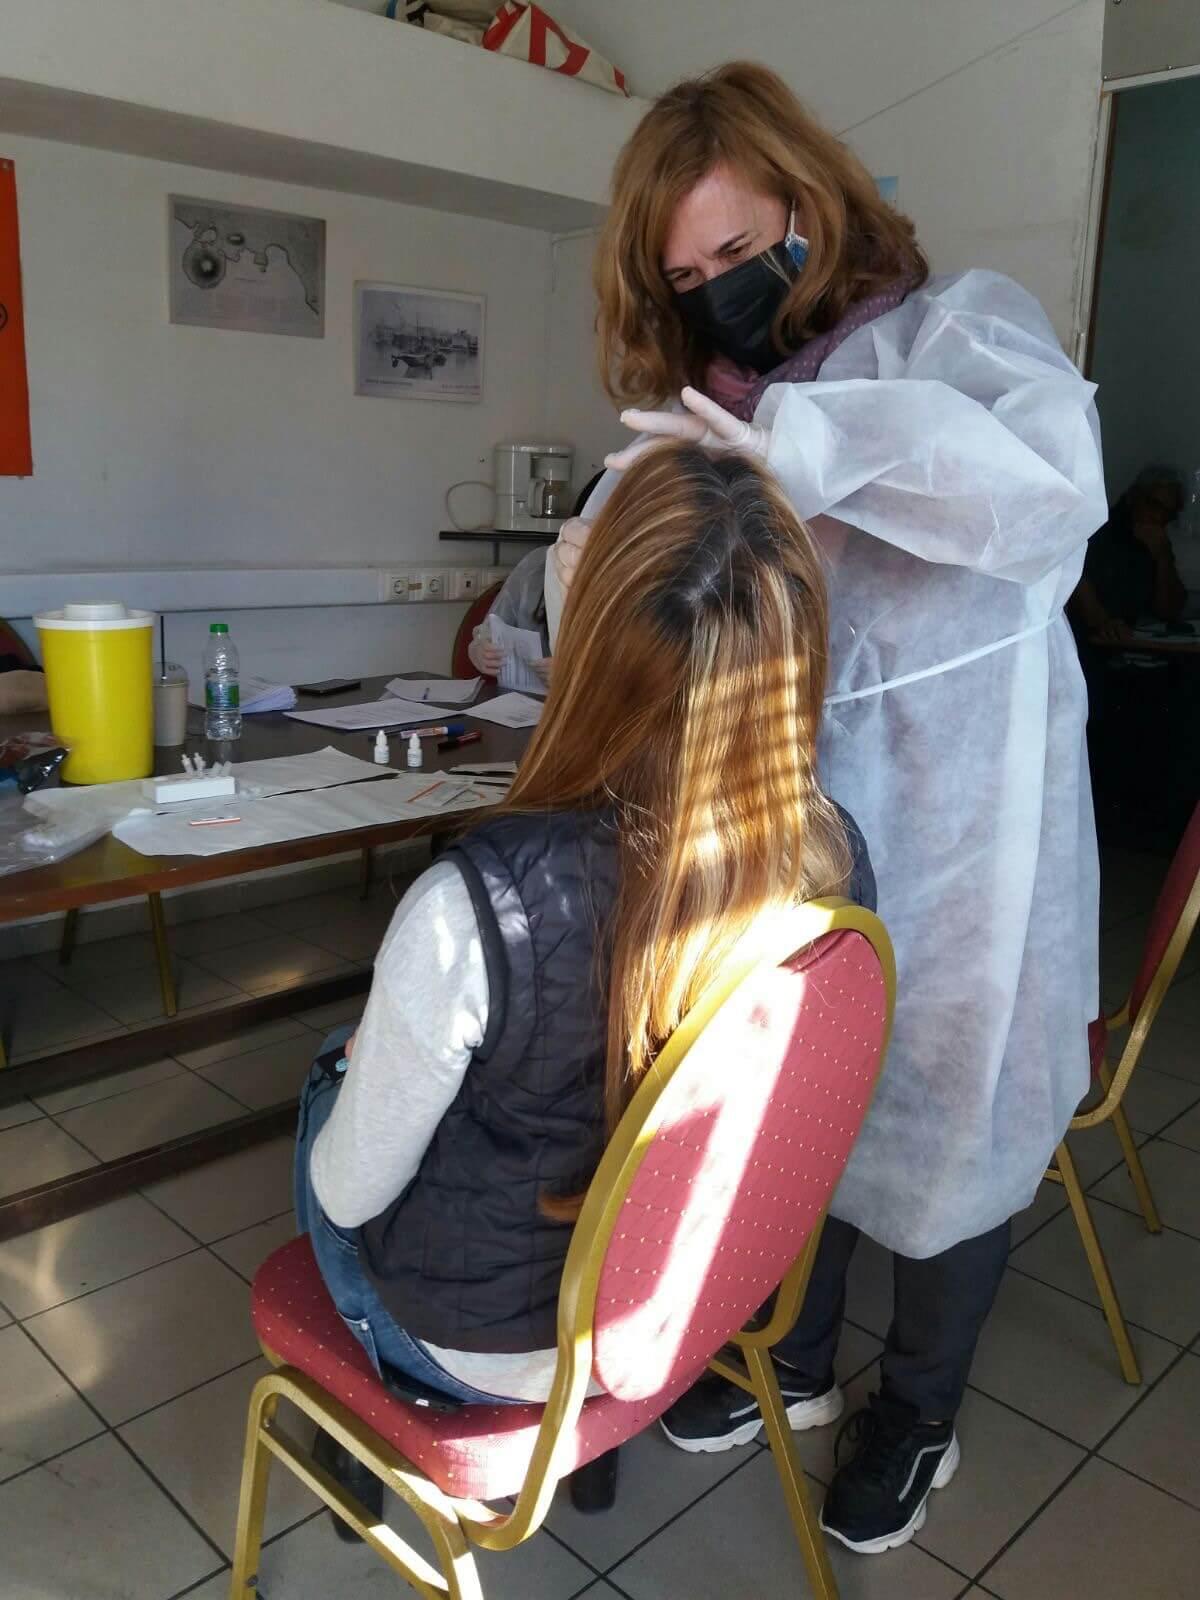 Δήμος Πειραιά : Δωρεάν Rapid Test στους εργαζόμενους της Διεύθυνσης Καθαριότητας